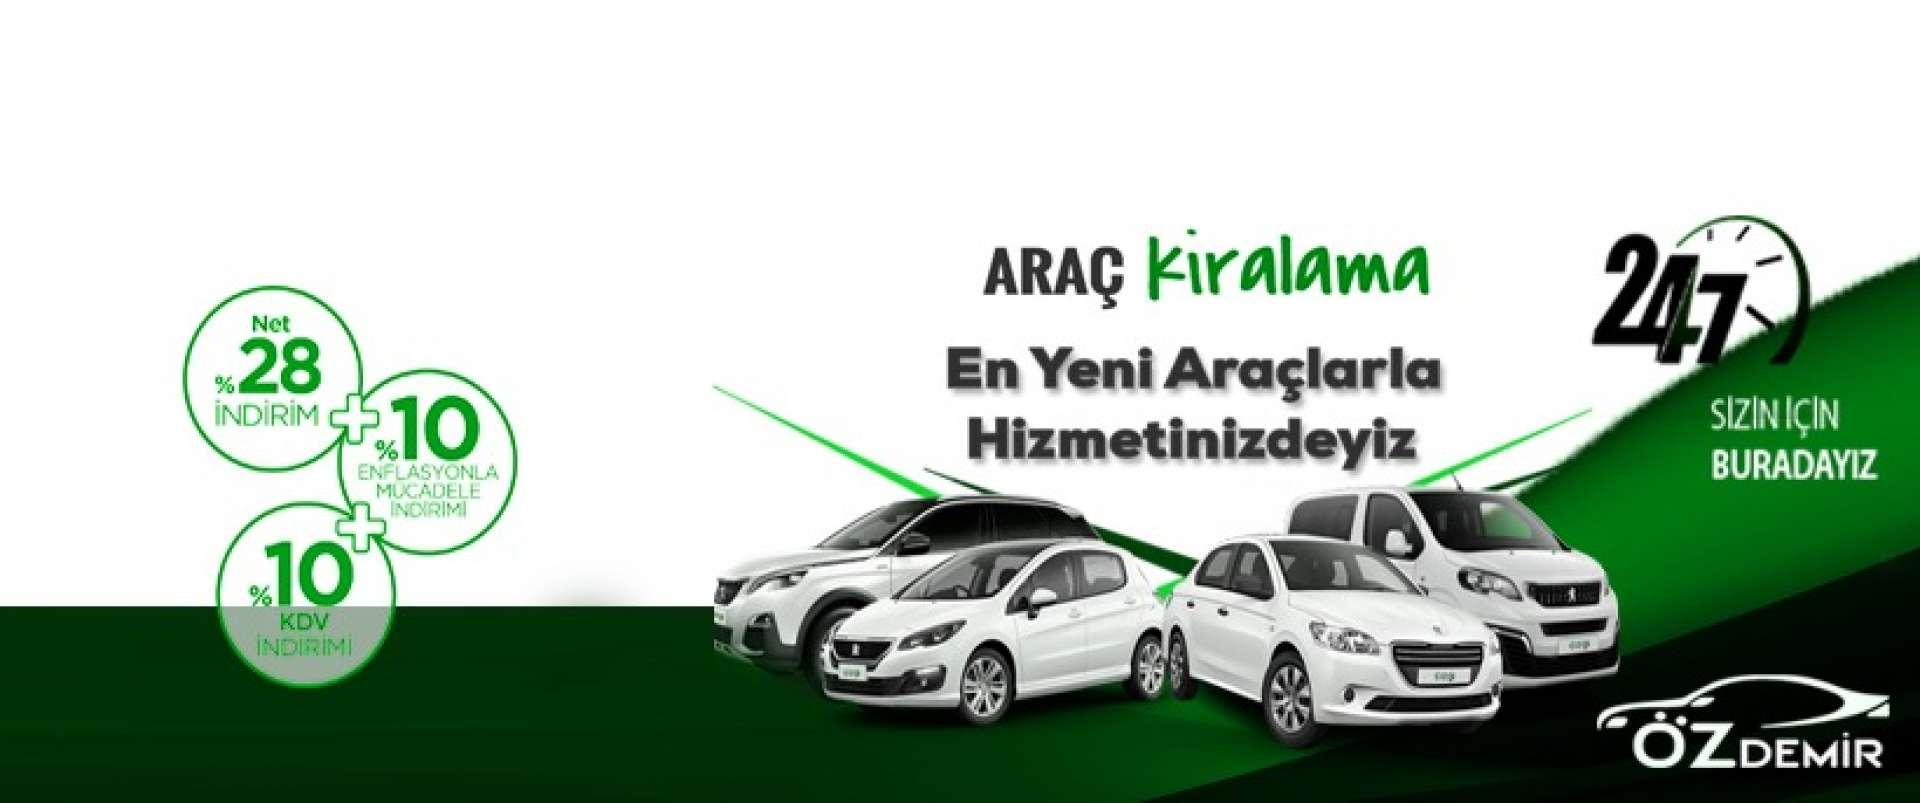 kampanyalı araçlarımız